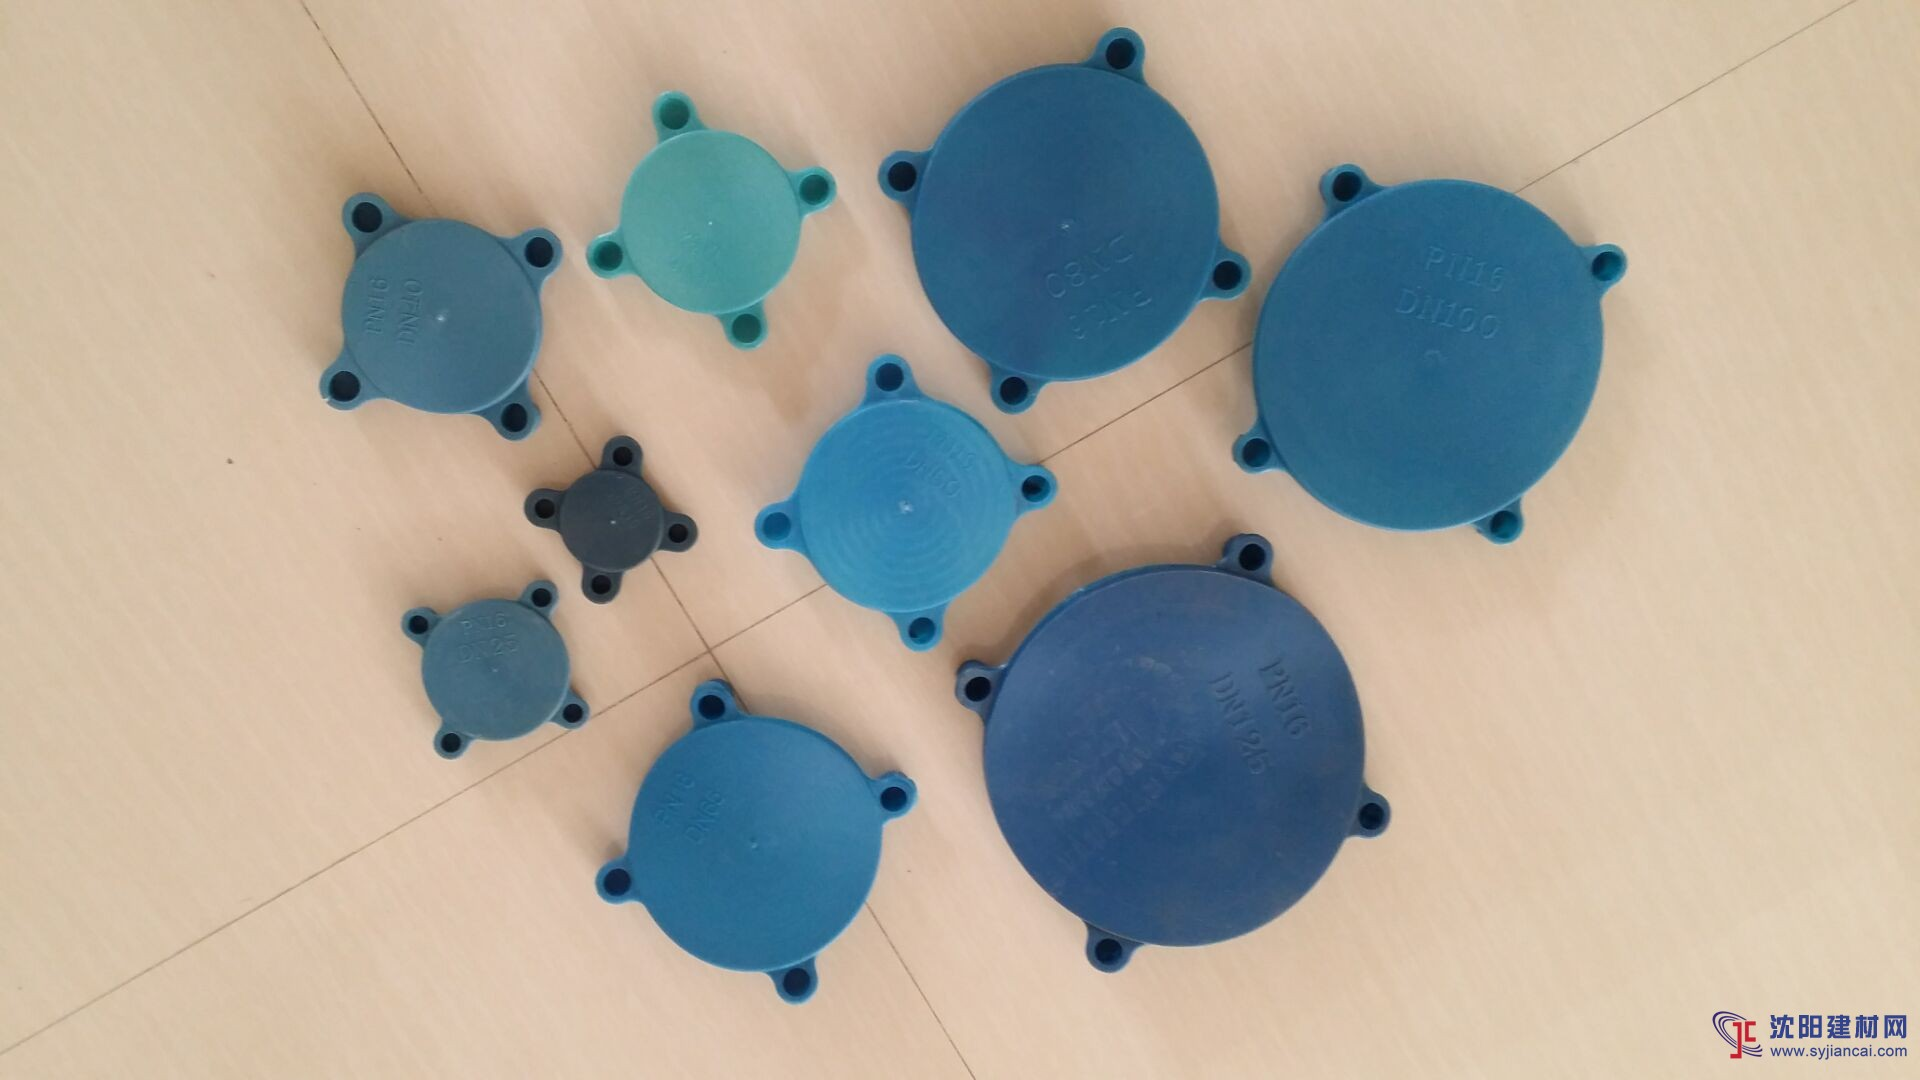 蓝色法兰保护盖,美标DN15-300法兰封盖